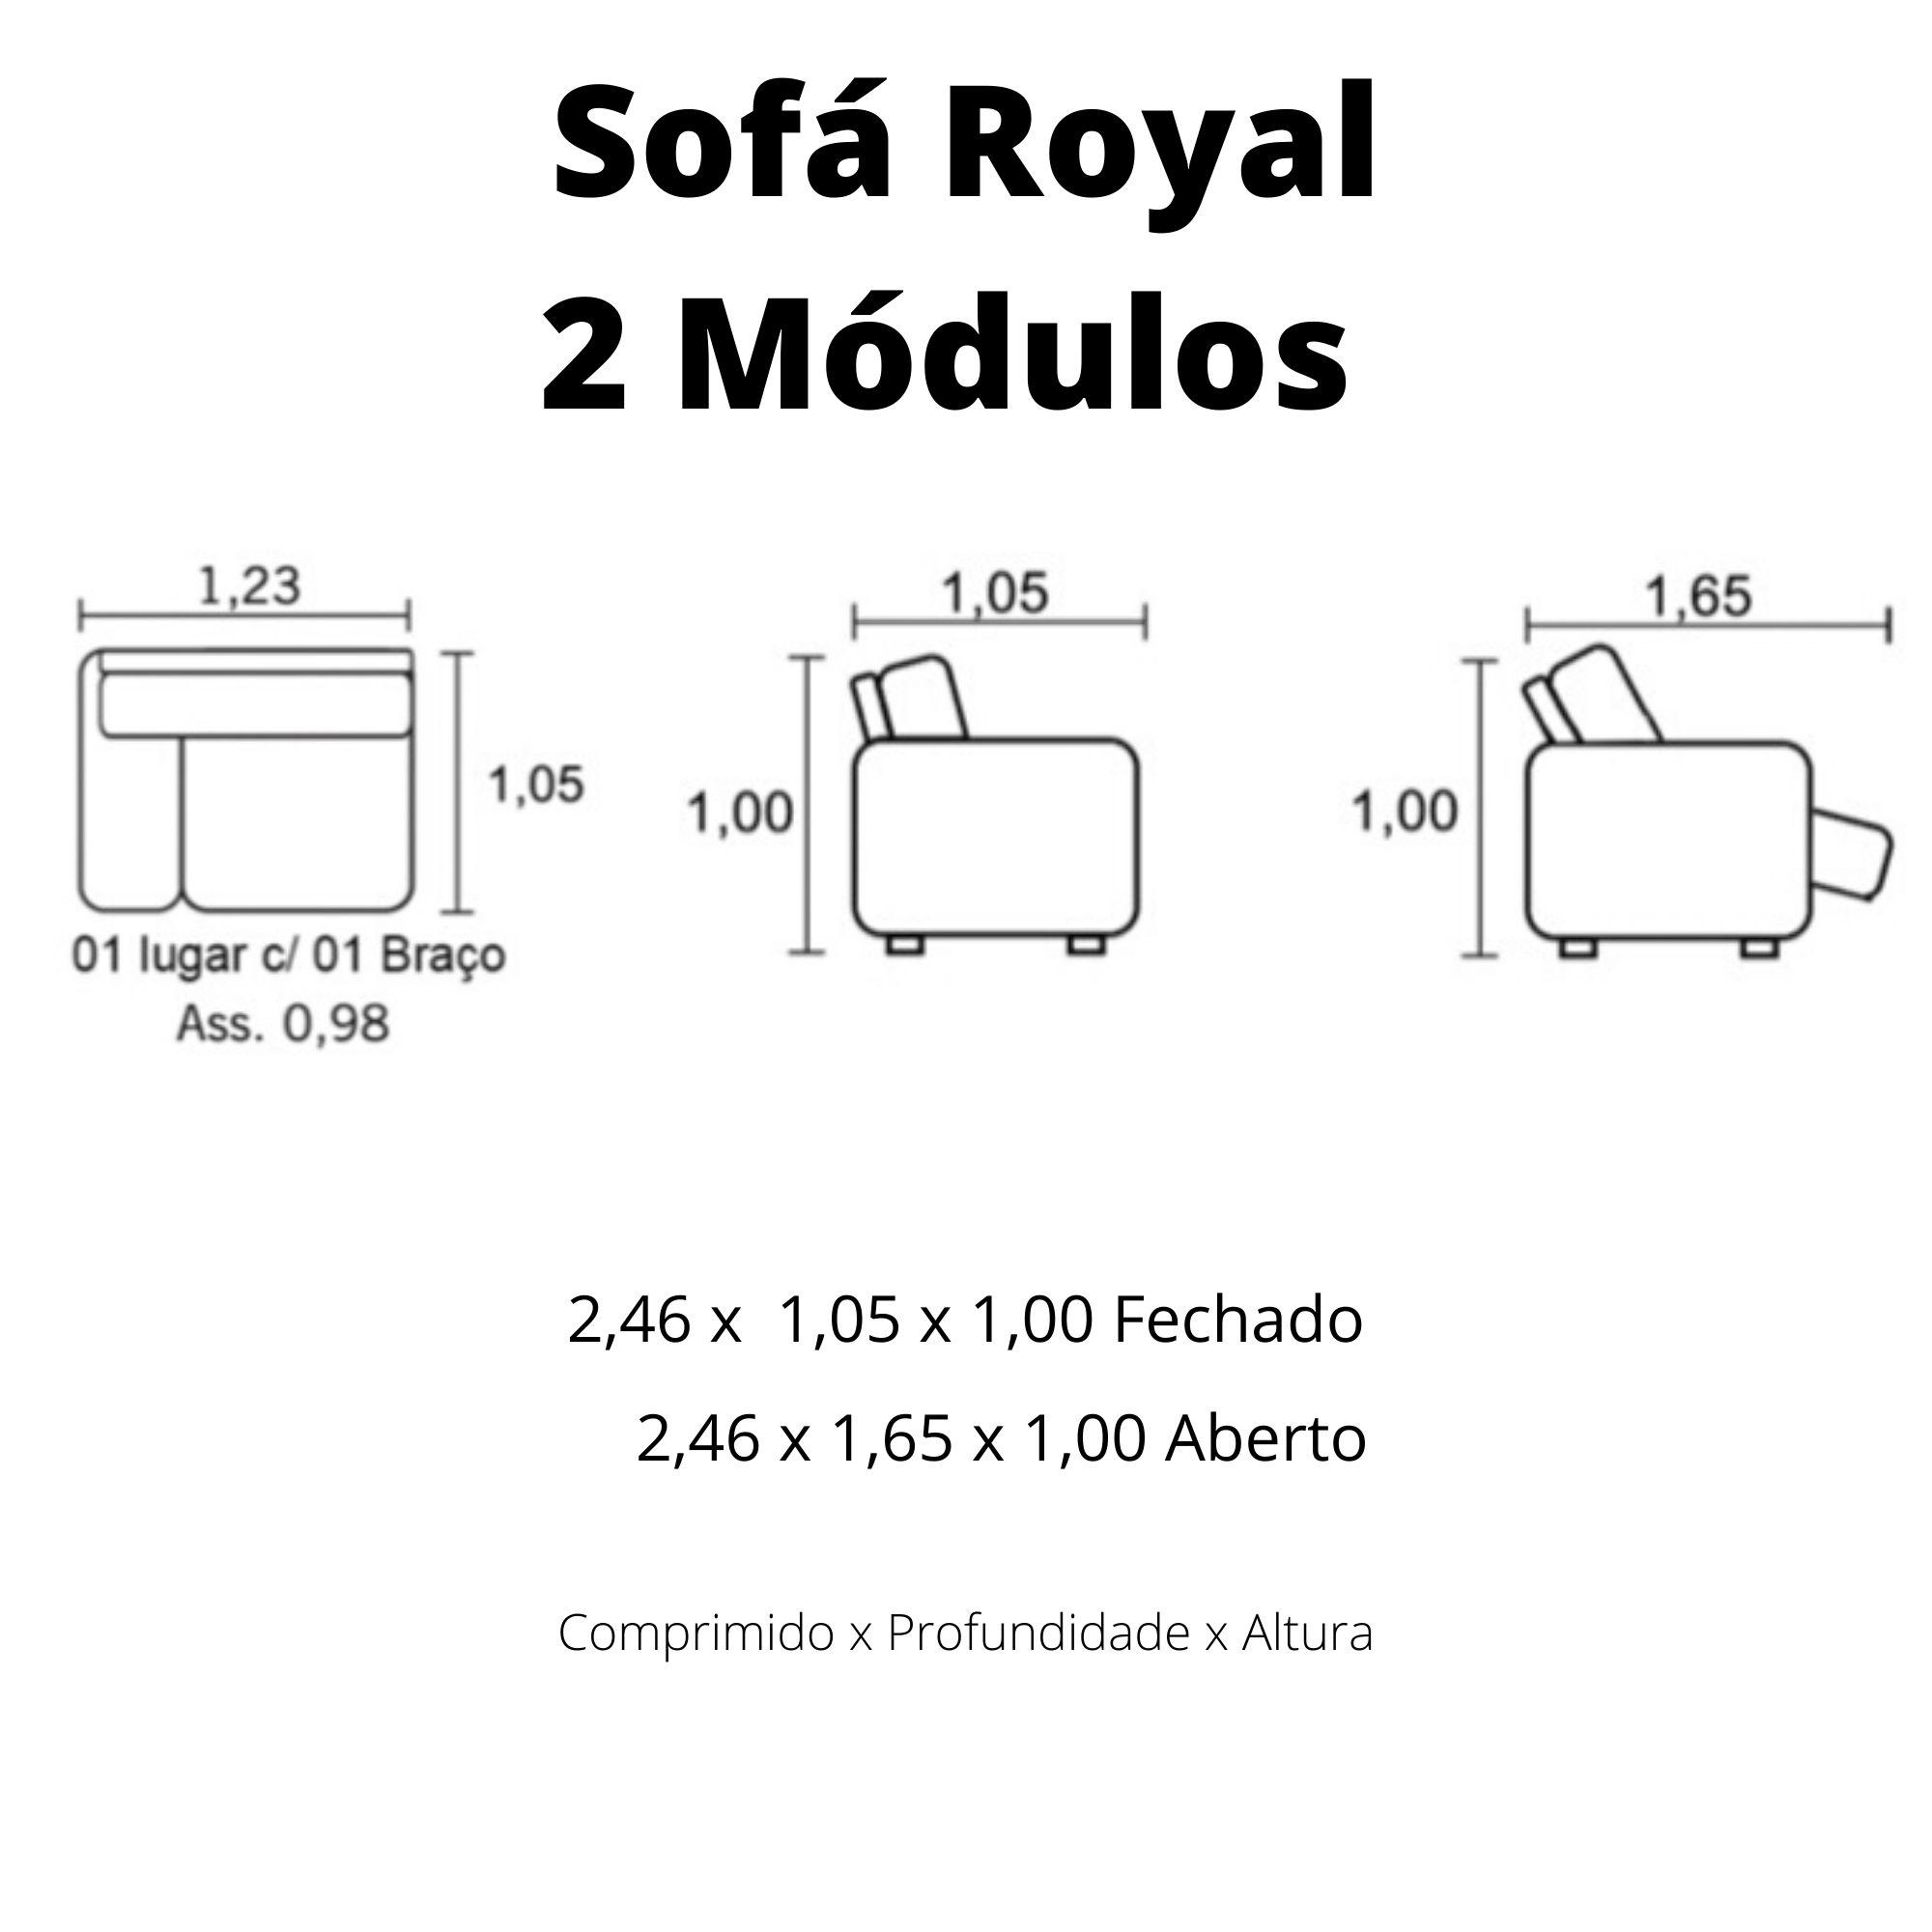 Sofá Retrátil Elétrico de Couro 246cm - Royal Pronta Entrega  - Formato Móveis e Decorações